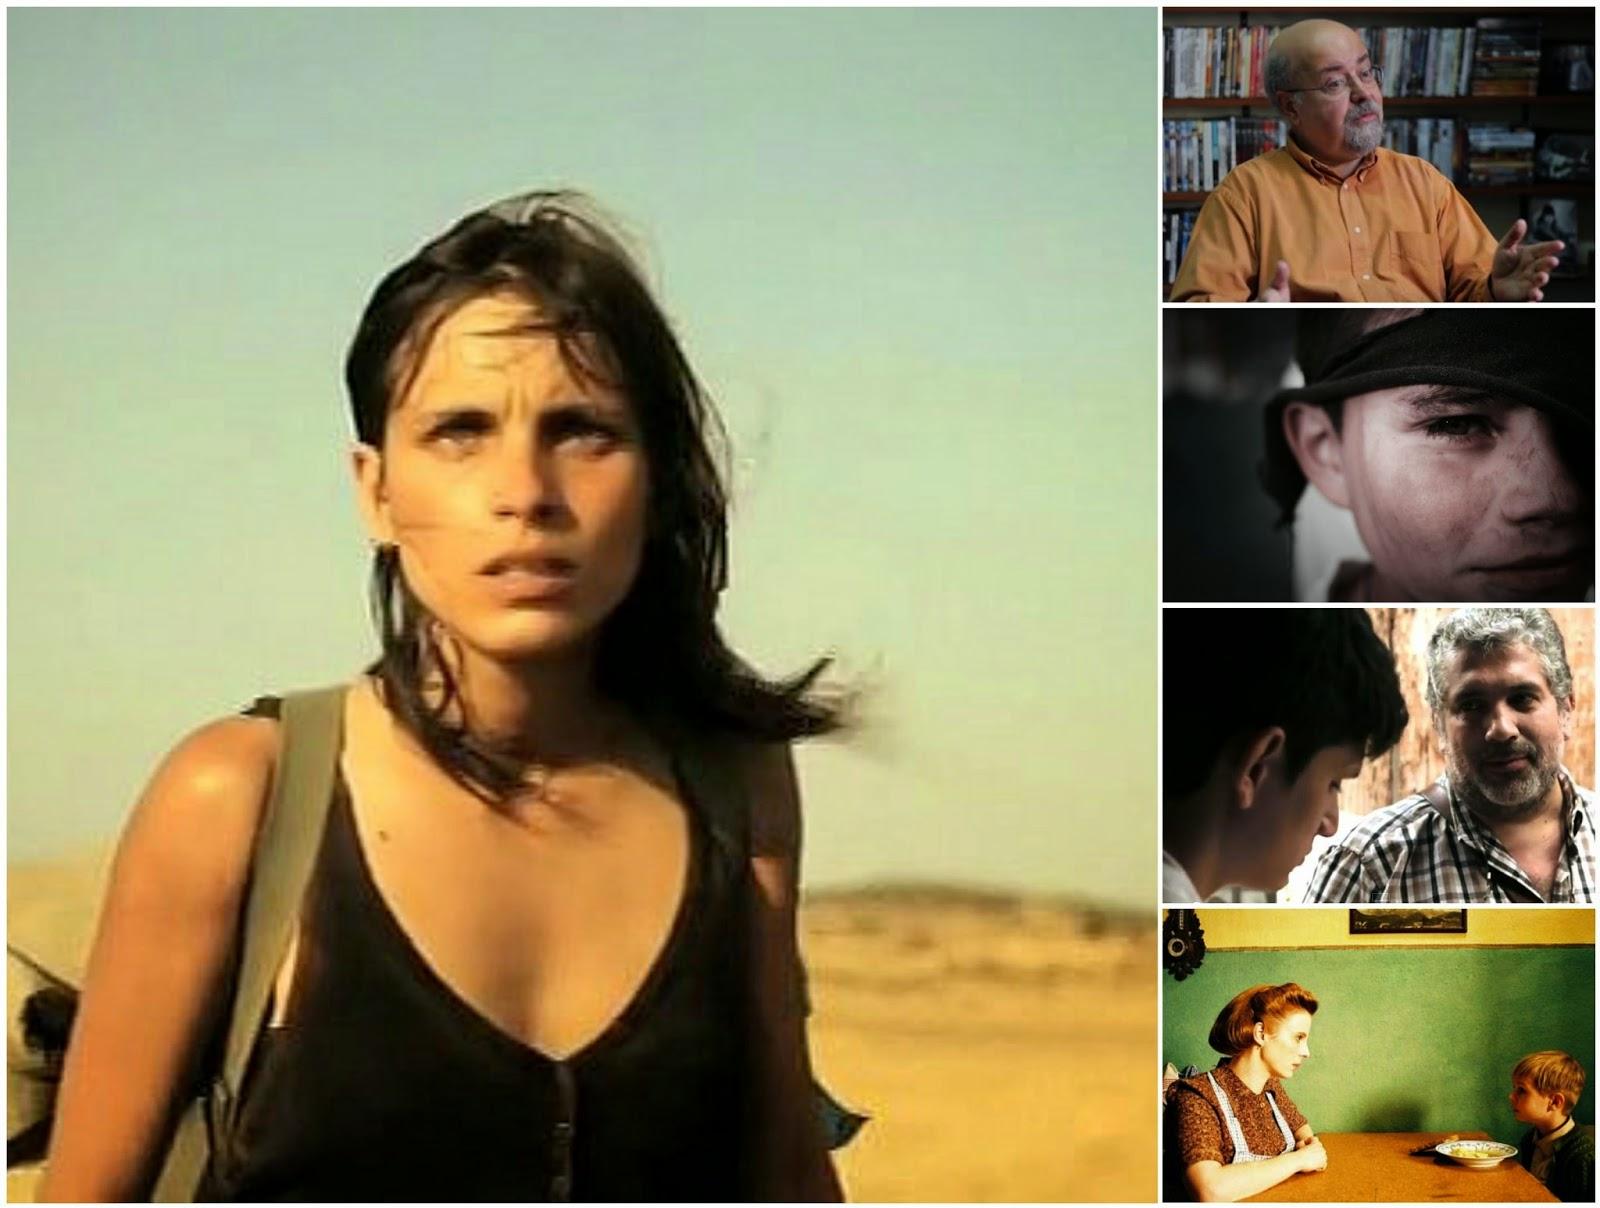 curtas, médias, curta-metragem, média-metragem, cortos, cortometrajes, short films, documentário, filmes, filme, película